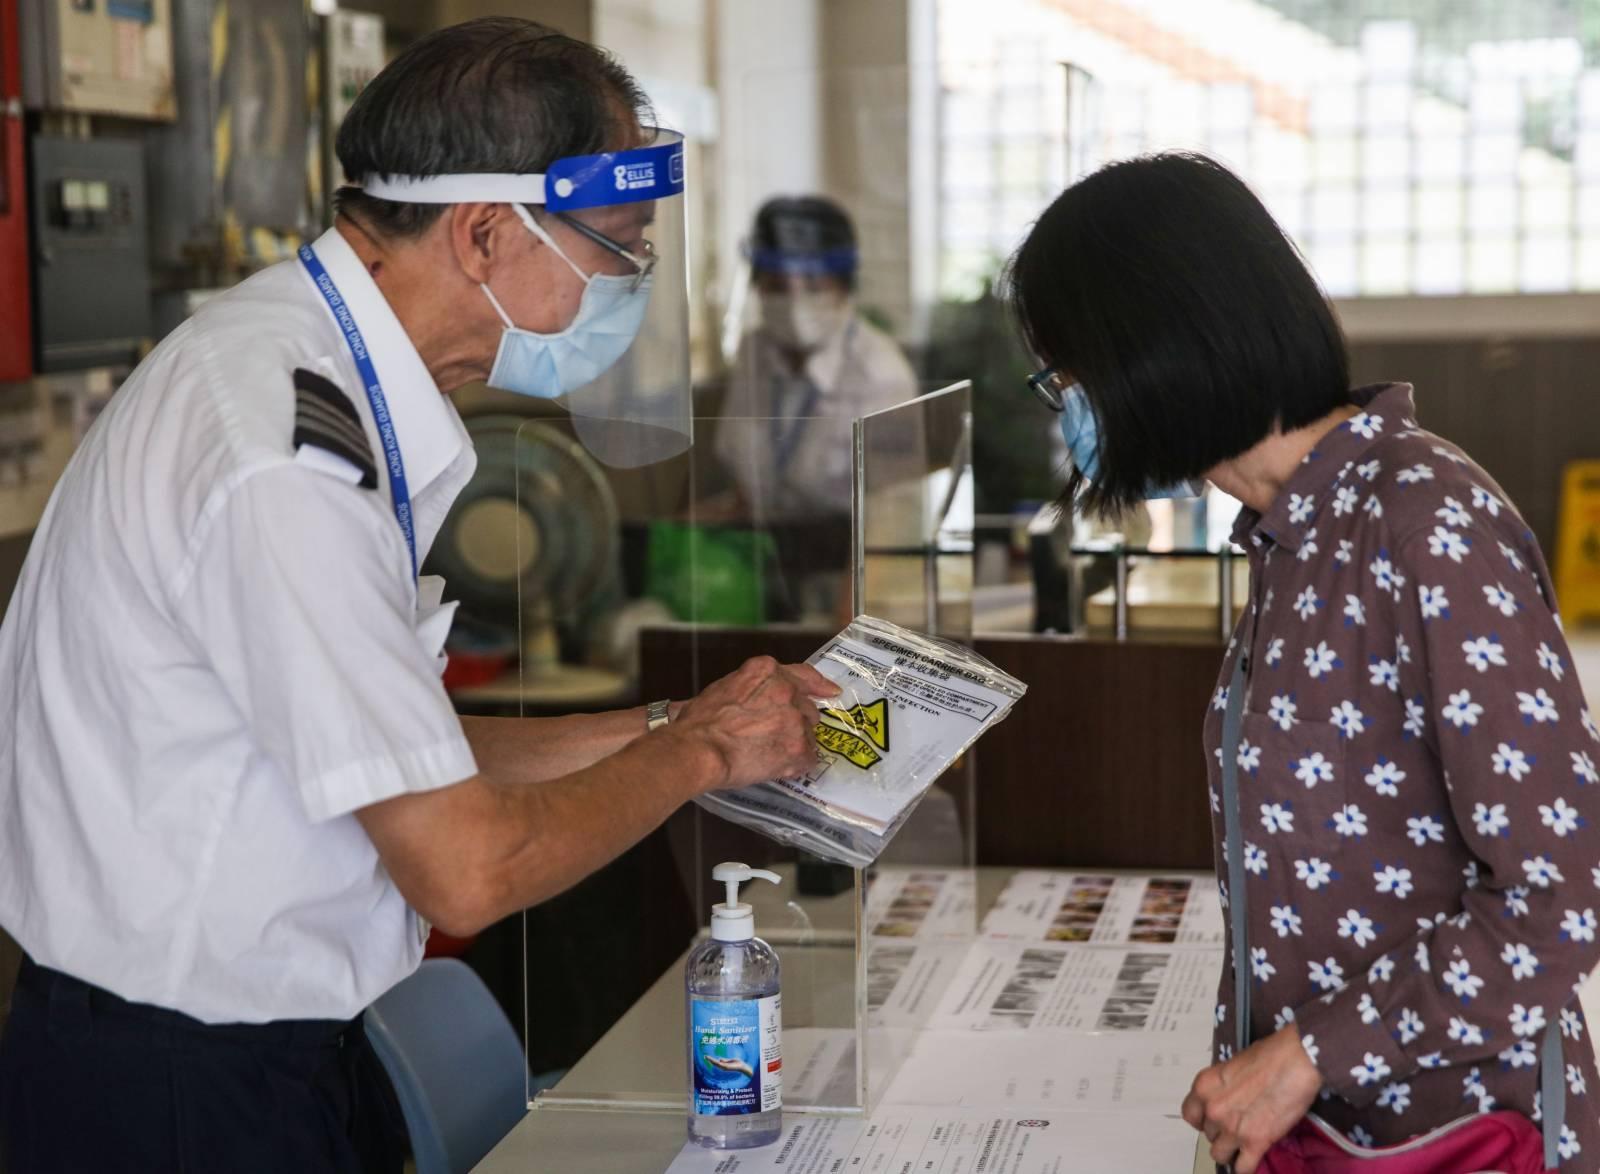 香港新增3宗確診個案,當中1宗本地個案患者50歲女子,居於土瓜灣樂民新村樂智樓。衞生署今日向居民內派樣本瓶做測試。(大公文匯全媒體記者 攝)